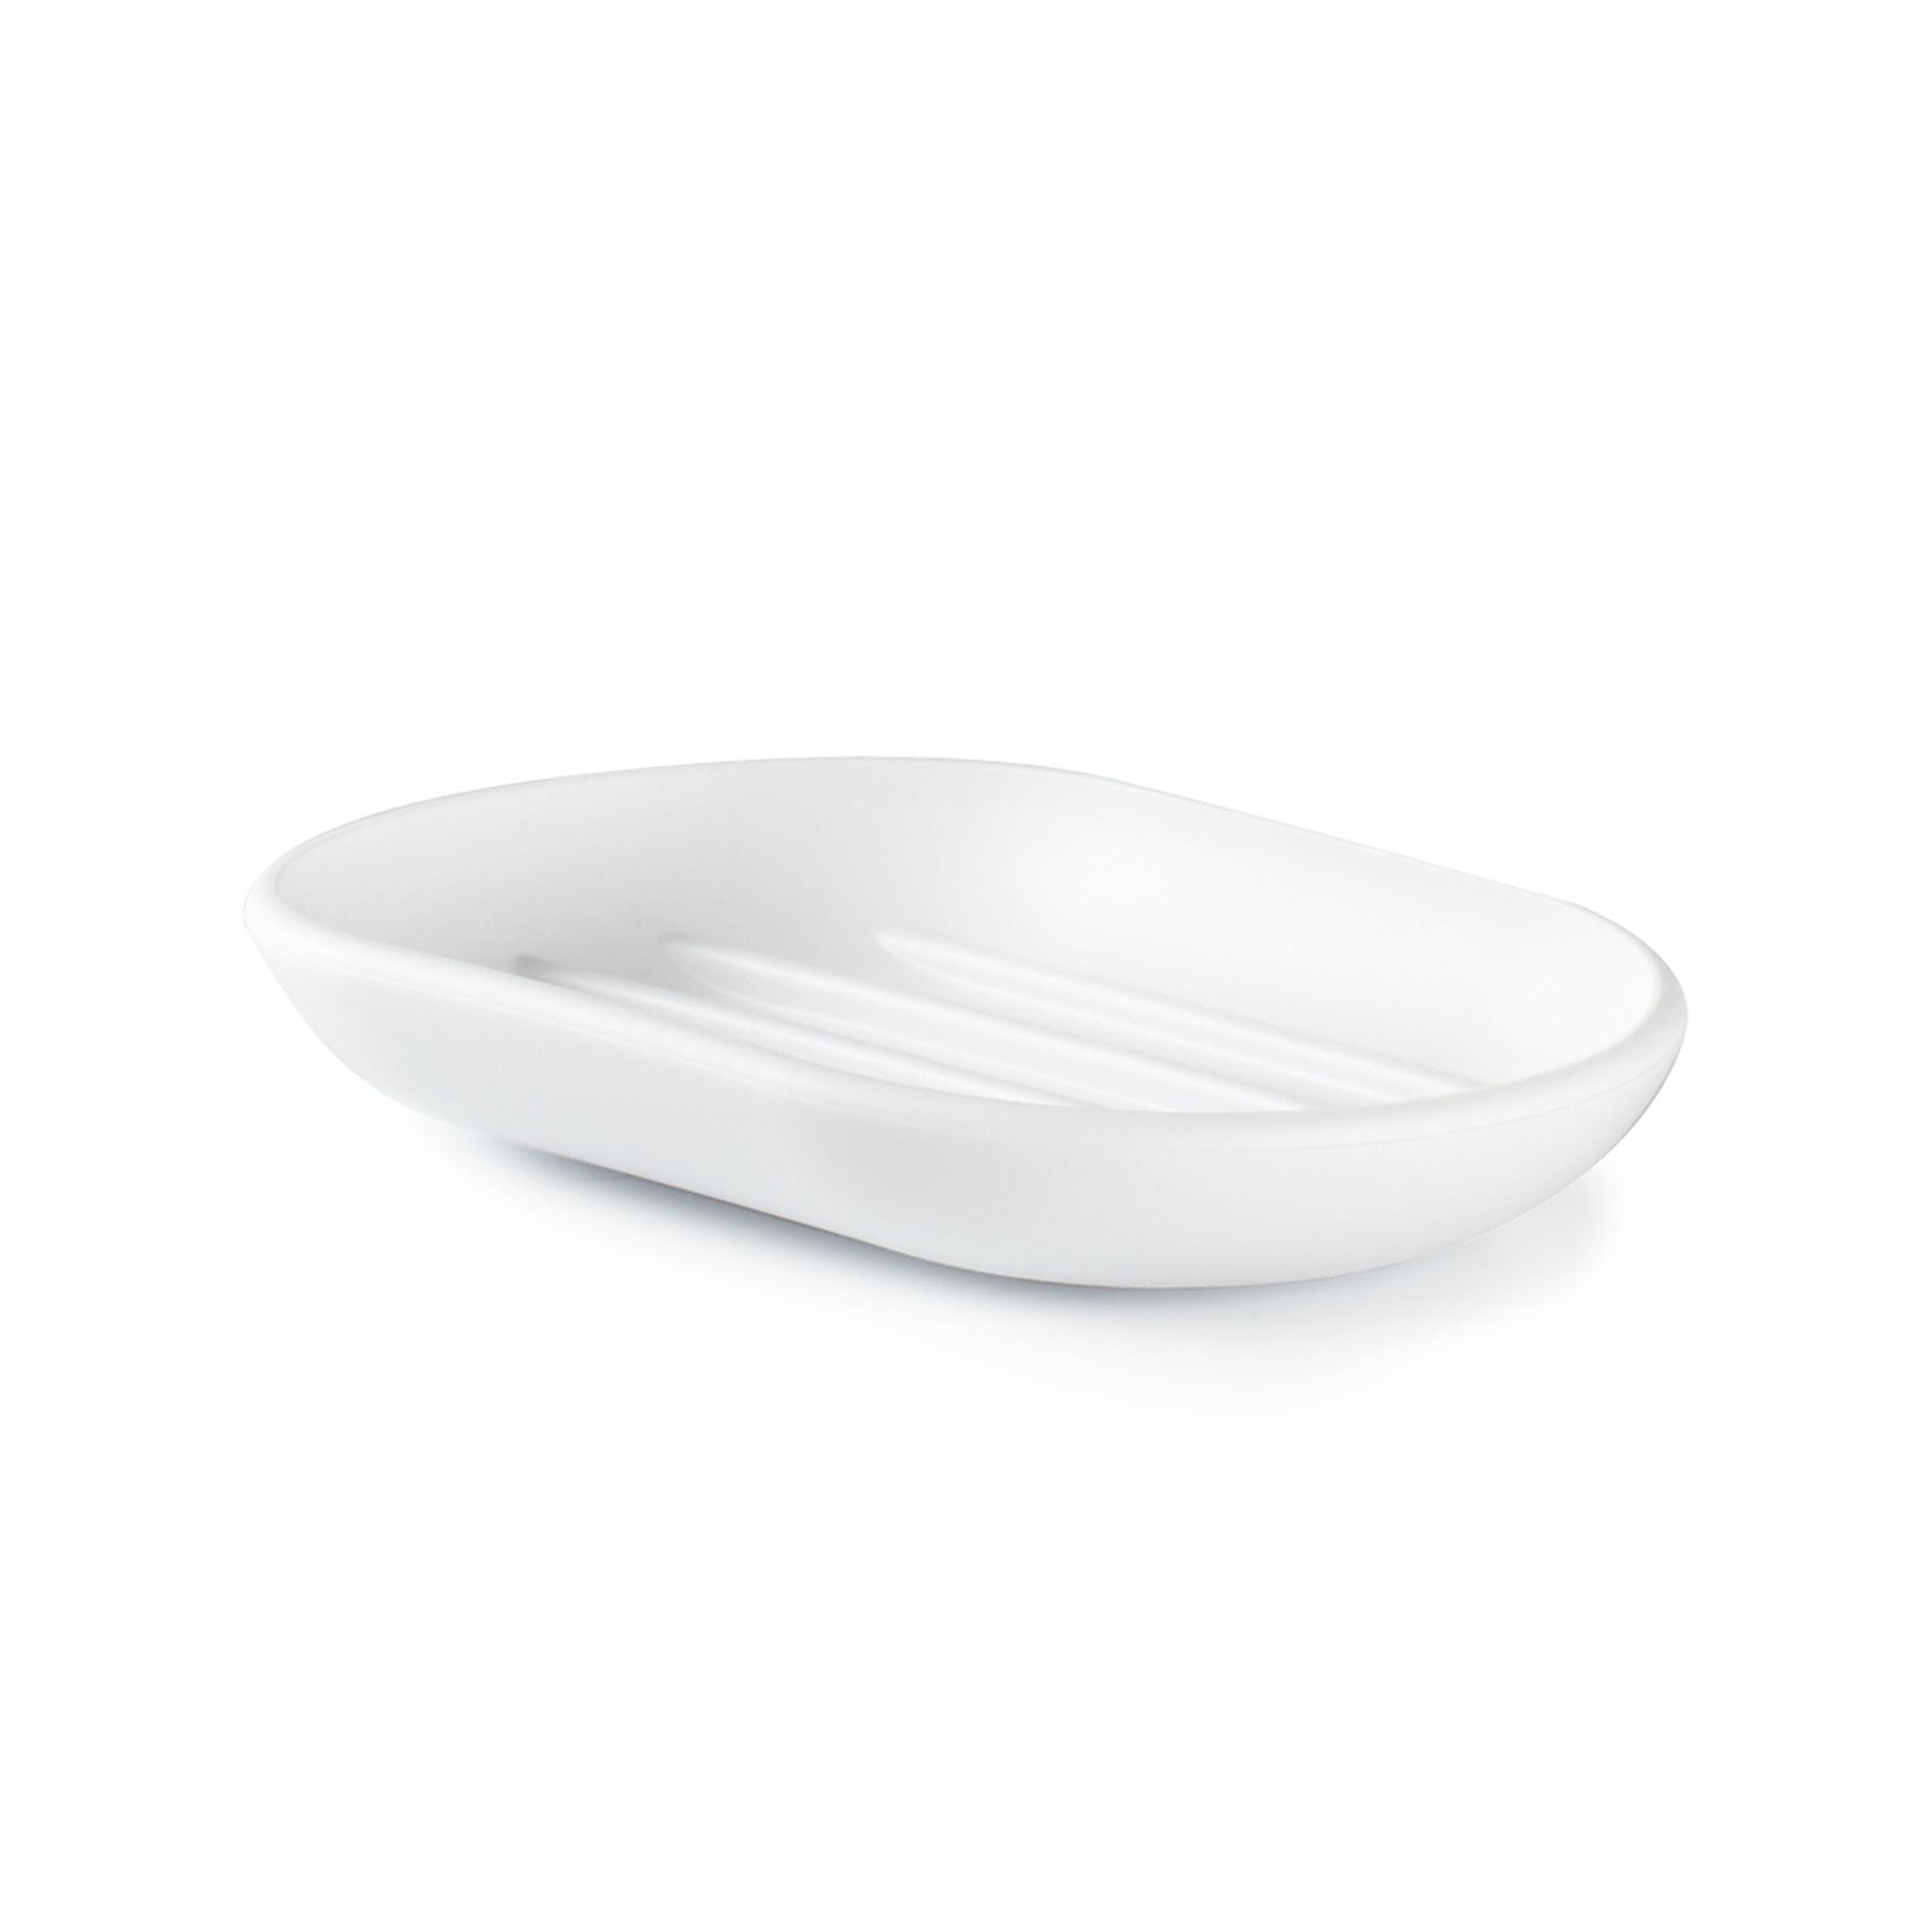 Мыльница Umbra touch белая 023272-660Мыльницы<br>Мыльница Umbra touch белая 023272-660<br><br>Функциональность мыльницы неоспорима - именно она защищает нашу раковину от мыльных подтеков и пятен. А как насчет дизайна? В Umbra уверены: такой простой и ежедневно используемый предмет должен выглядеть лаконично, но необычно. Ведь в небольшой ванной комнате не должно быть ничего вызывающе яркого. Немного экспериментировав с формой, дизайнеры создали мыльницу Touch, которая придется кстати в любом доме! Изготовлена из приятного на ощупь пластика, не скользит, а брать из нее мыло удобнее благодаря специальным желобкам на донышке.<br>Официальный продавец<br>